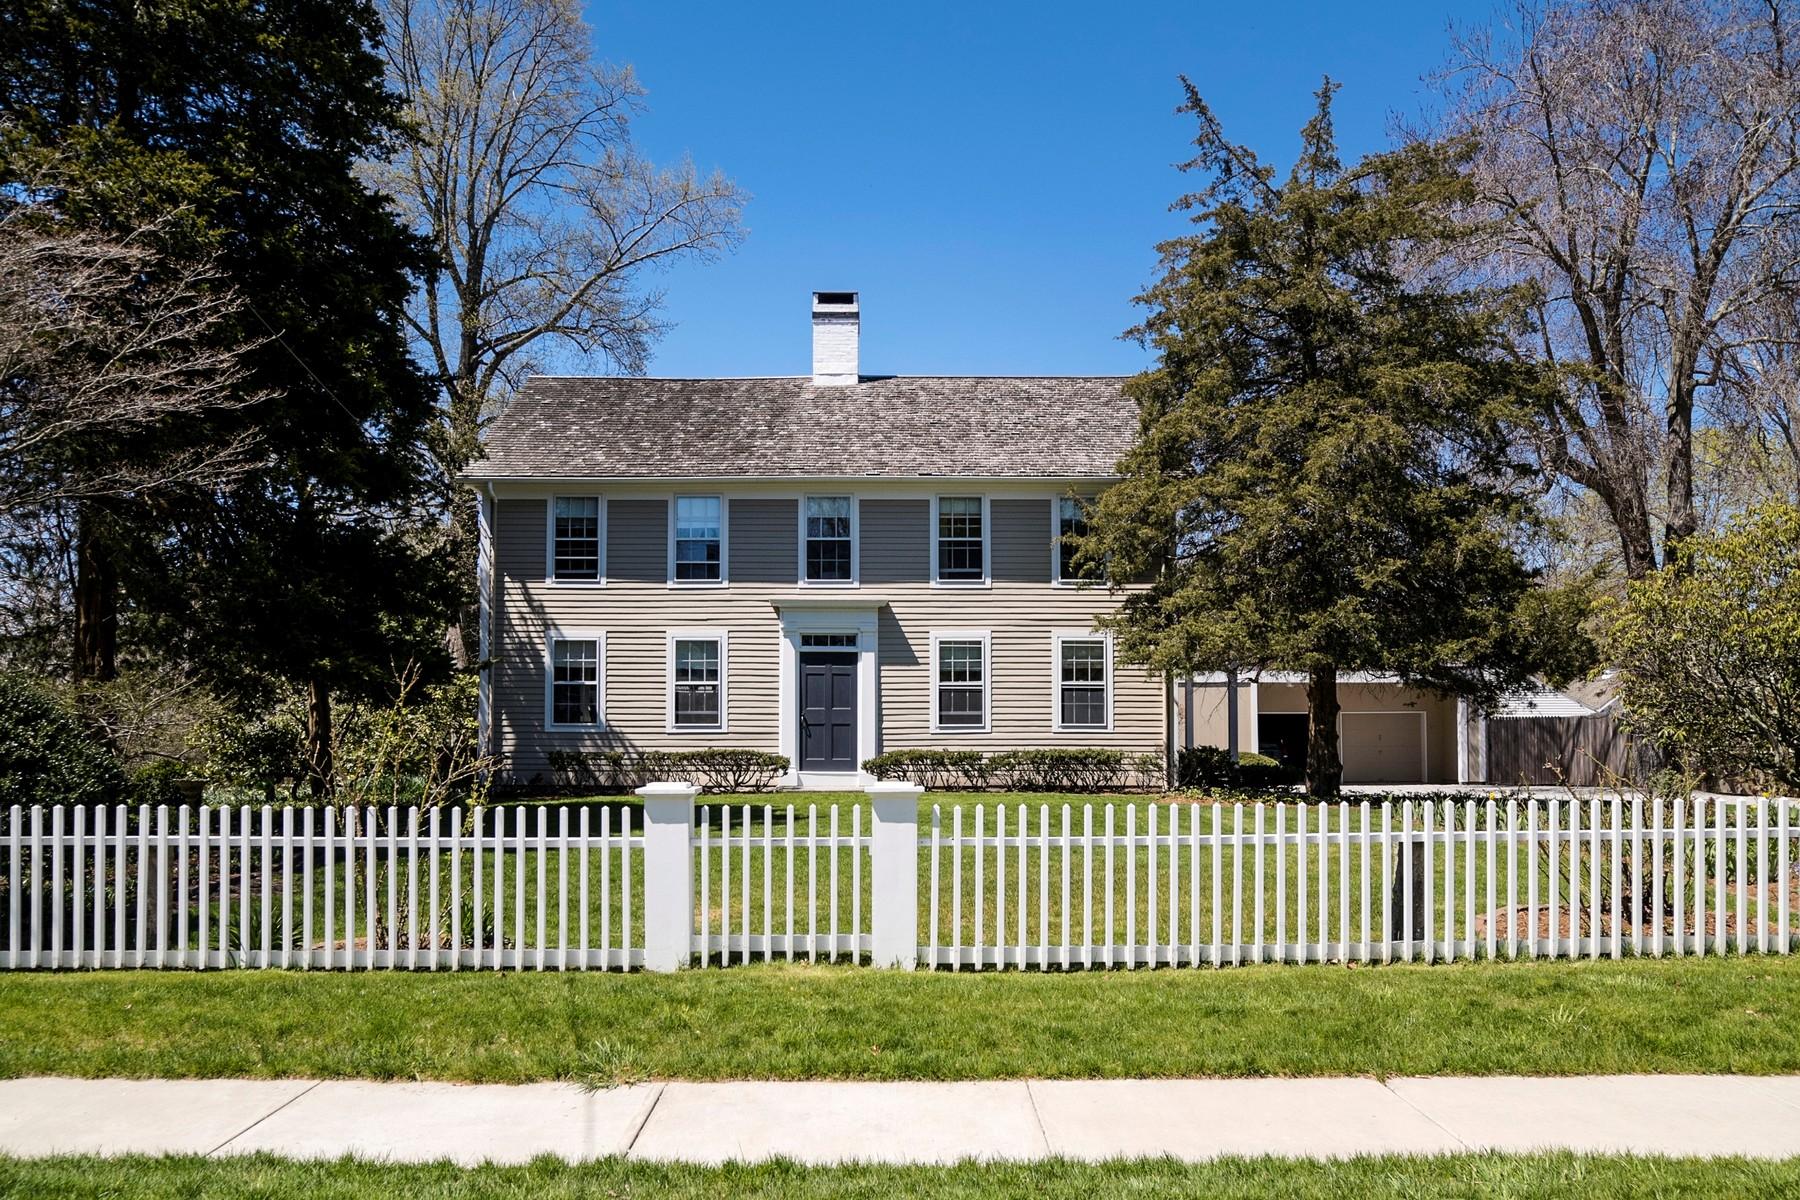 独户住宅 为 销售 在 A Landmark C1860 Village Home 6 Lyme St 旧莱姆, 康涅狄格州, 06371 美国